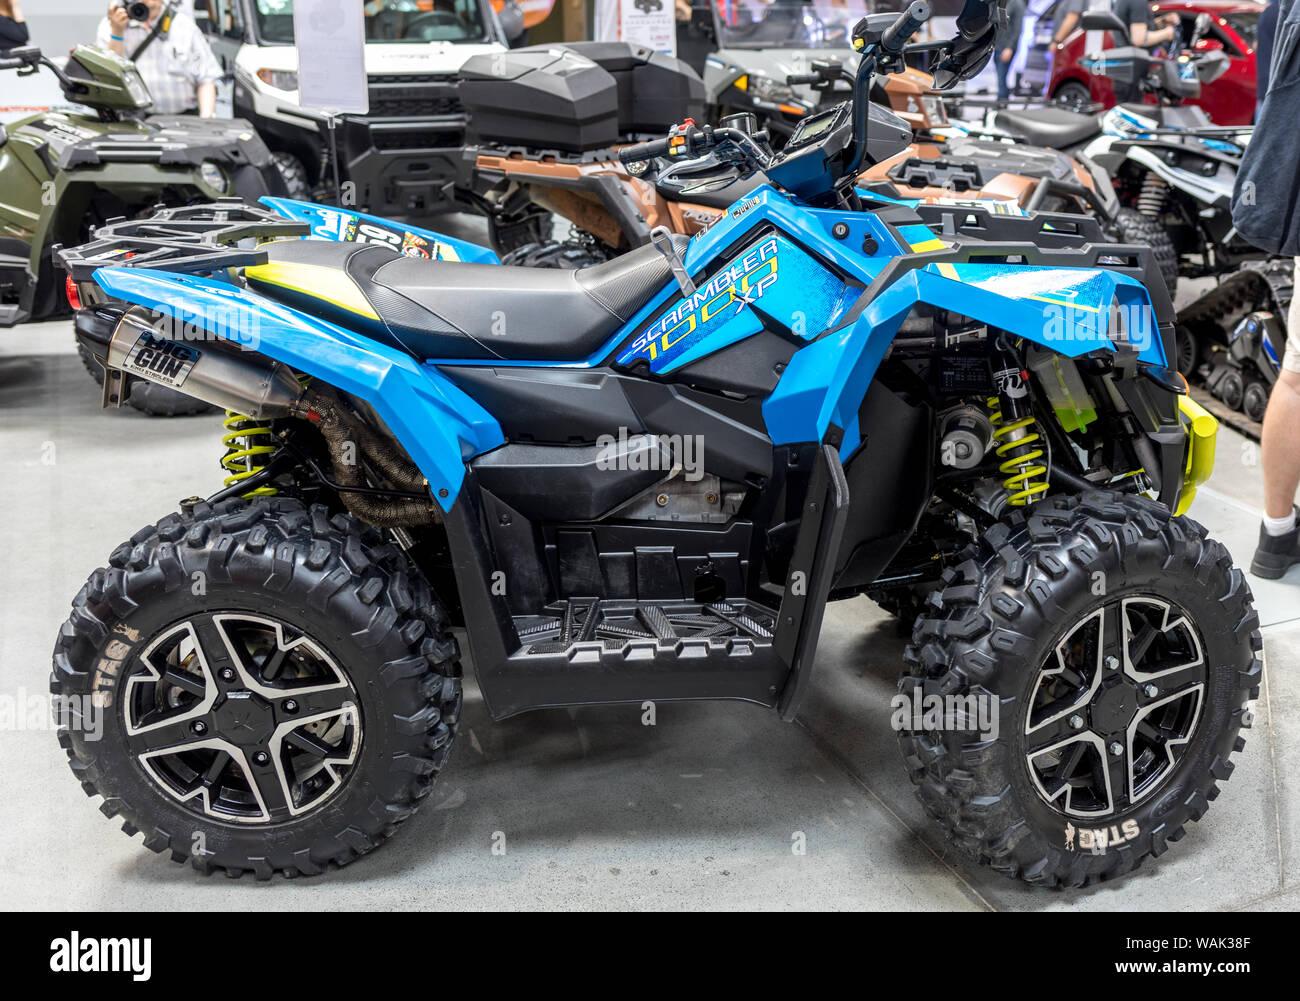 Cracovia, Polonia - Mayo 18, 2019: El Polaris quad muestra en Moto Show en Cracovia, Polonia. Expositores presentes aspectos más interesantes de la automoción i Foto de stock